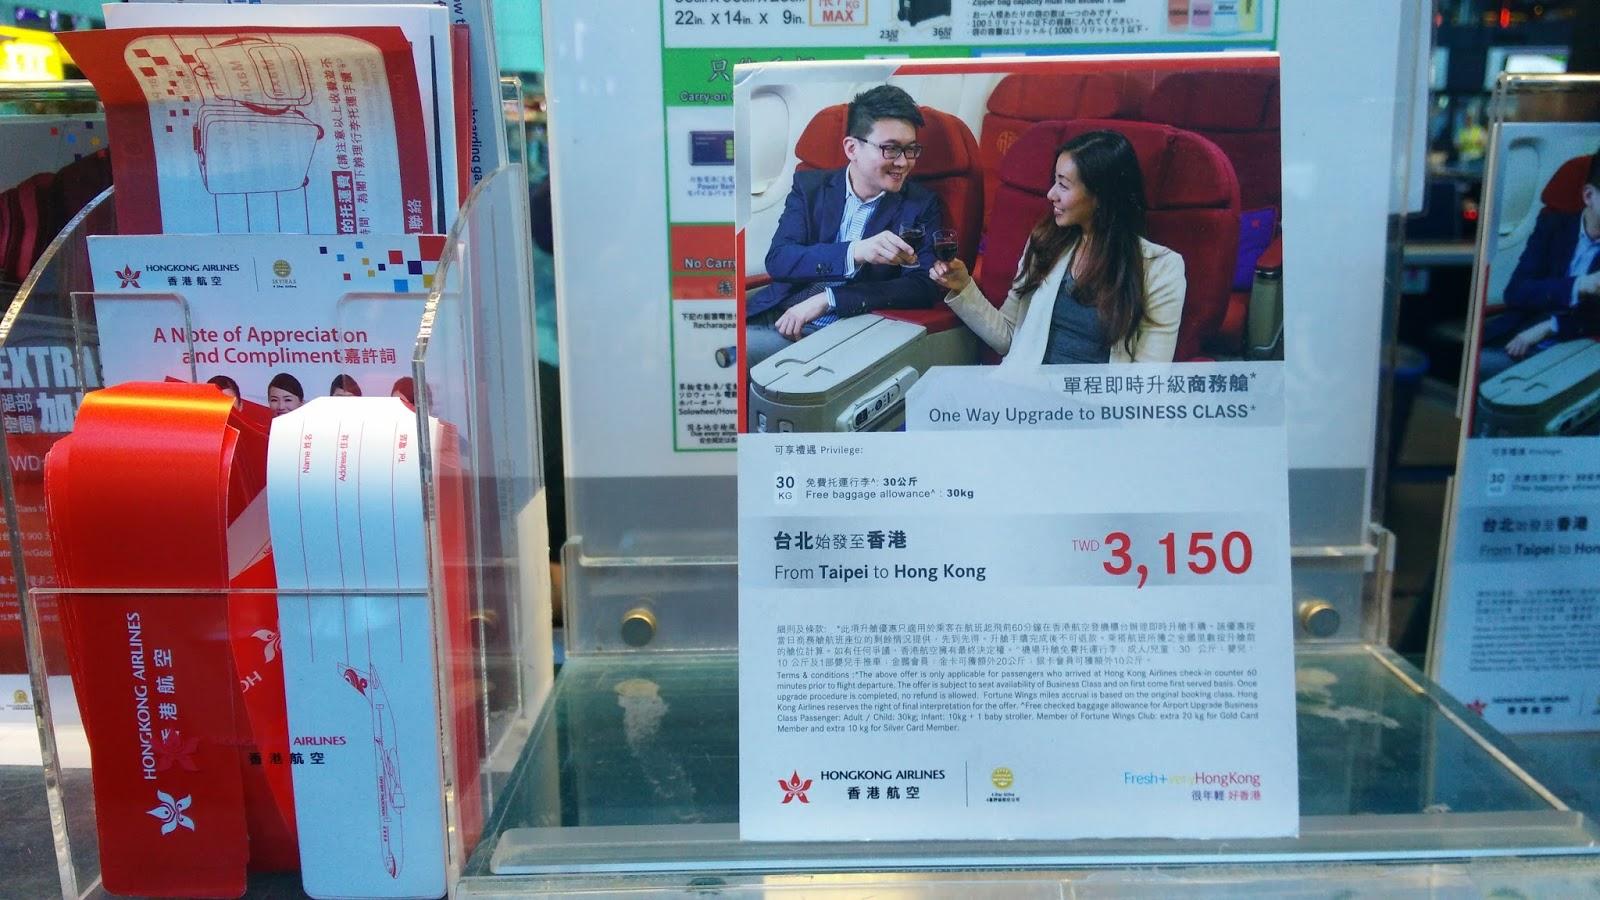 黑老闆說:香港航空現在台港航線有促銷活動,只要加價台幣3150即可當場升等商務艙,非常划算。